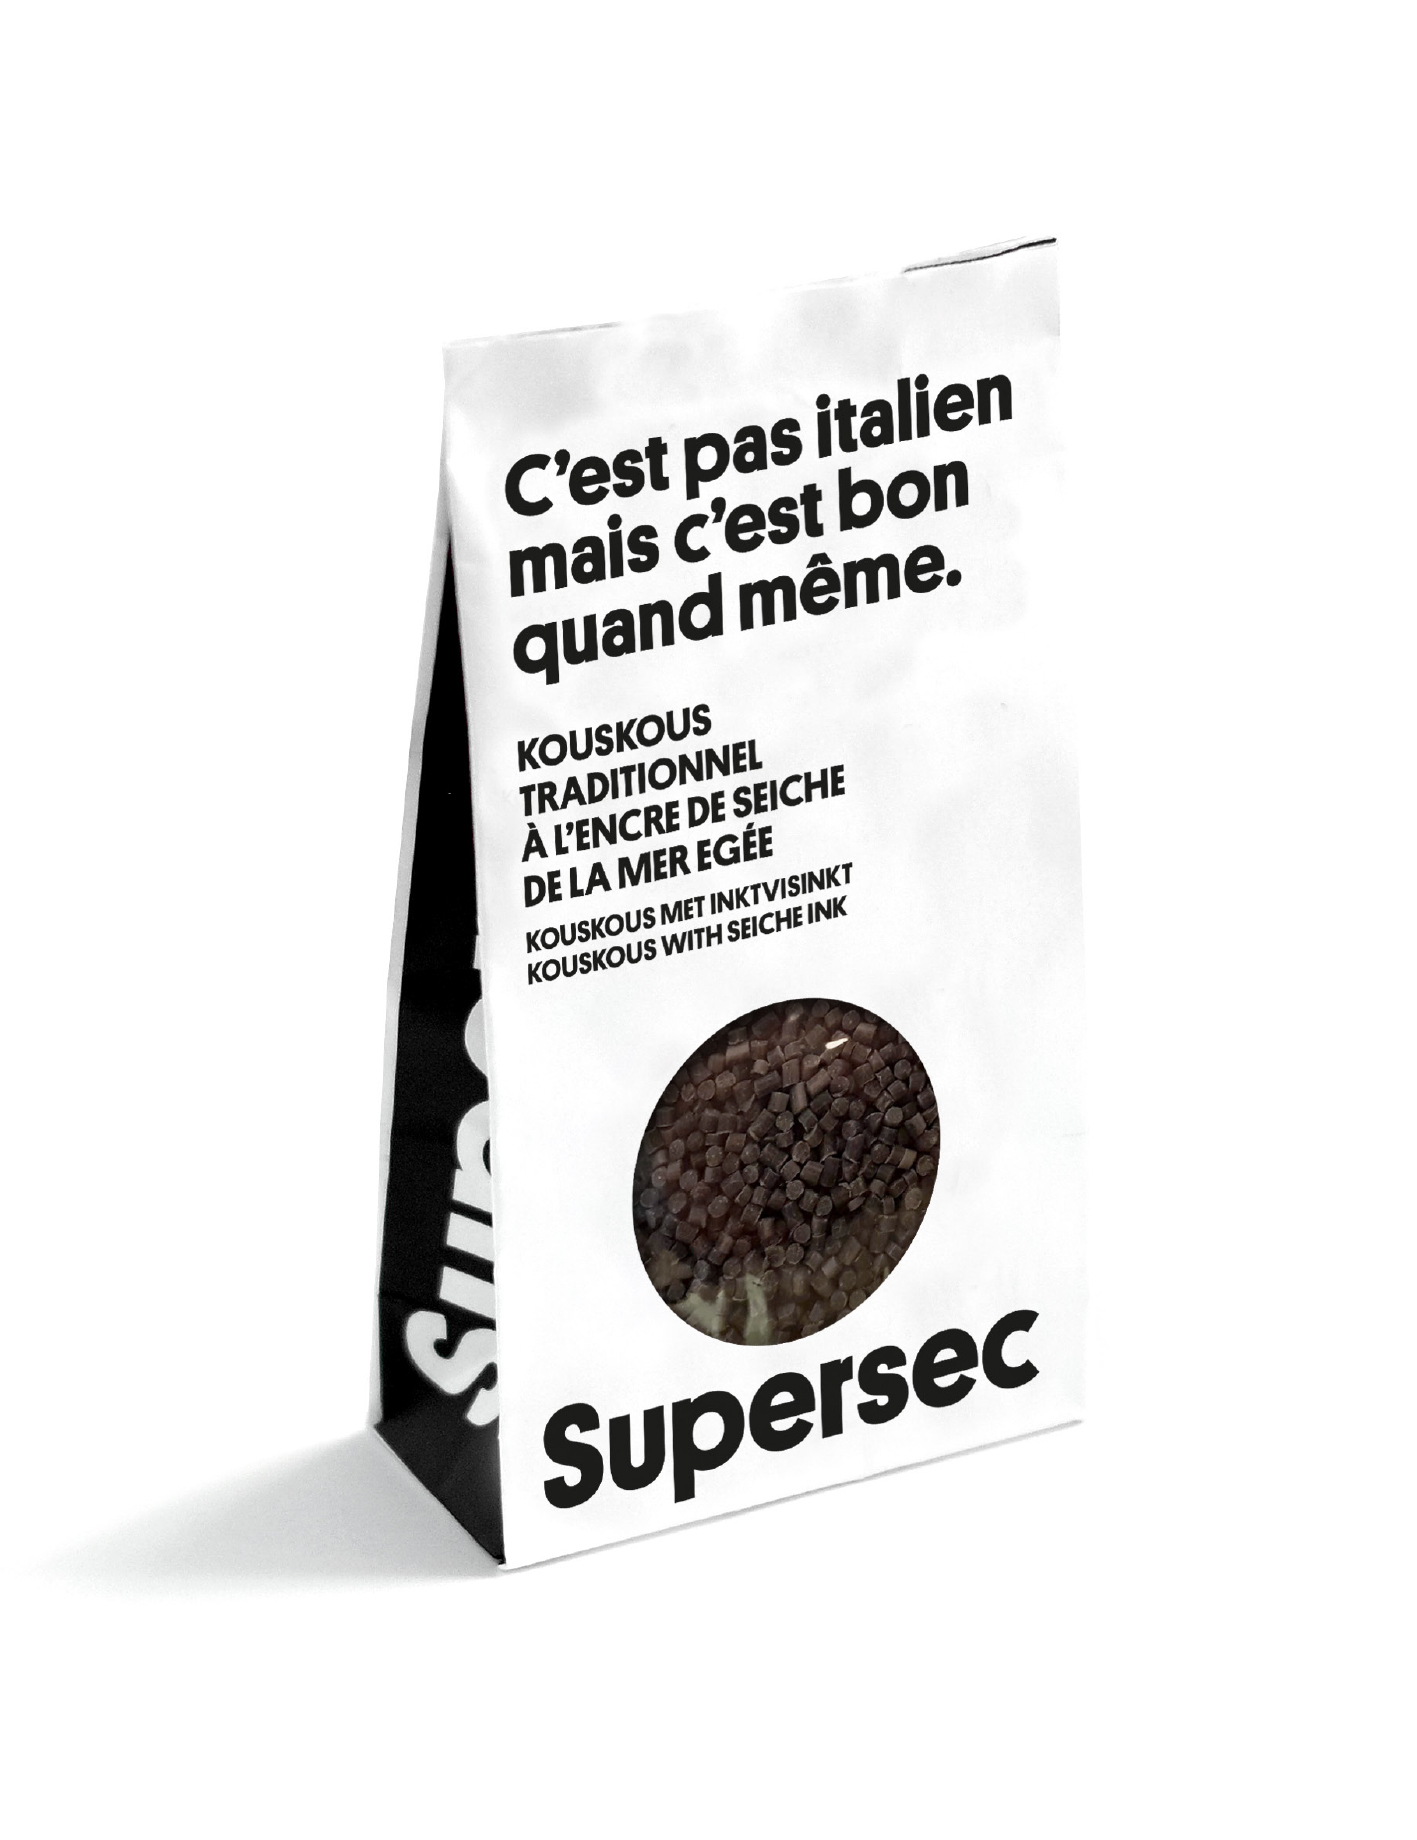 Sachet entièrement compostable du Risoni à l'encre de sèche dans les Superbox des produits bio Supersec